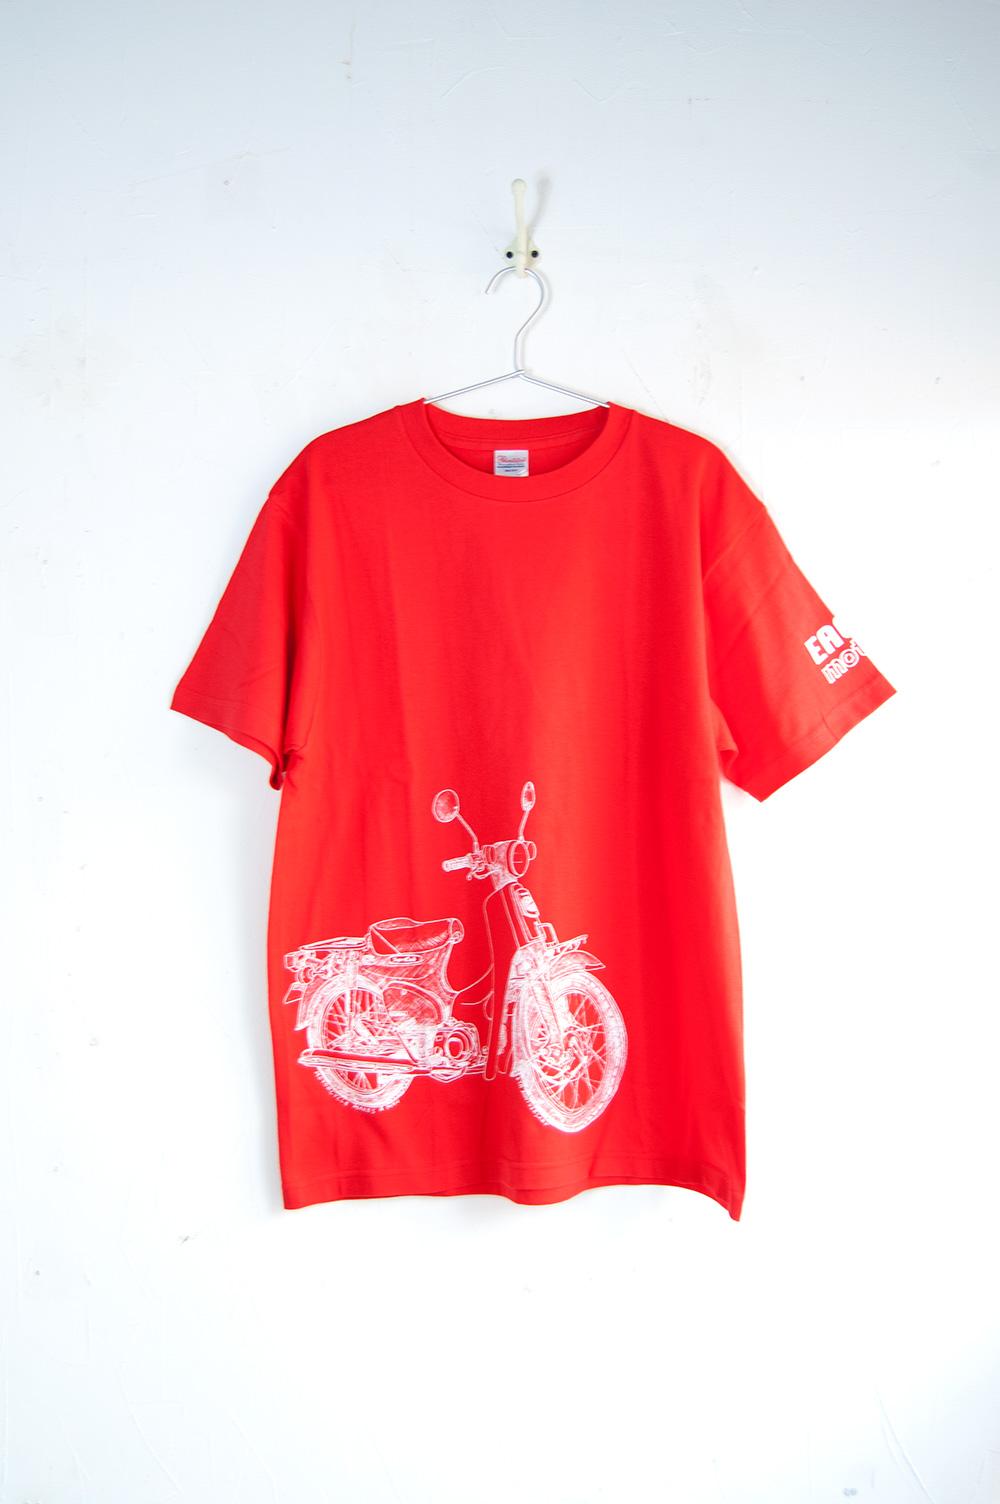 EAGLEmotorsオリジナル半袖Tシャツ ¥2300+税_a0165286_1383267.jpg